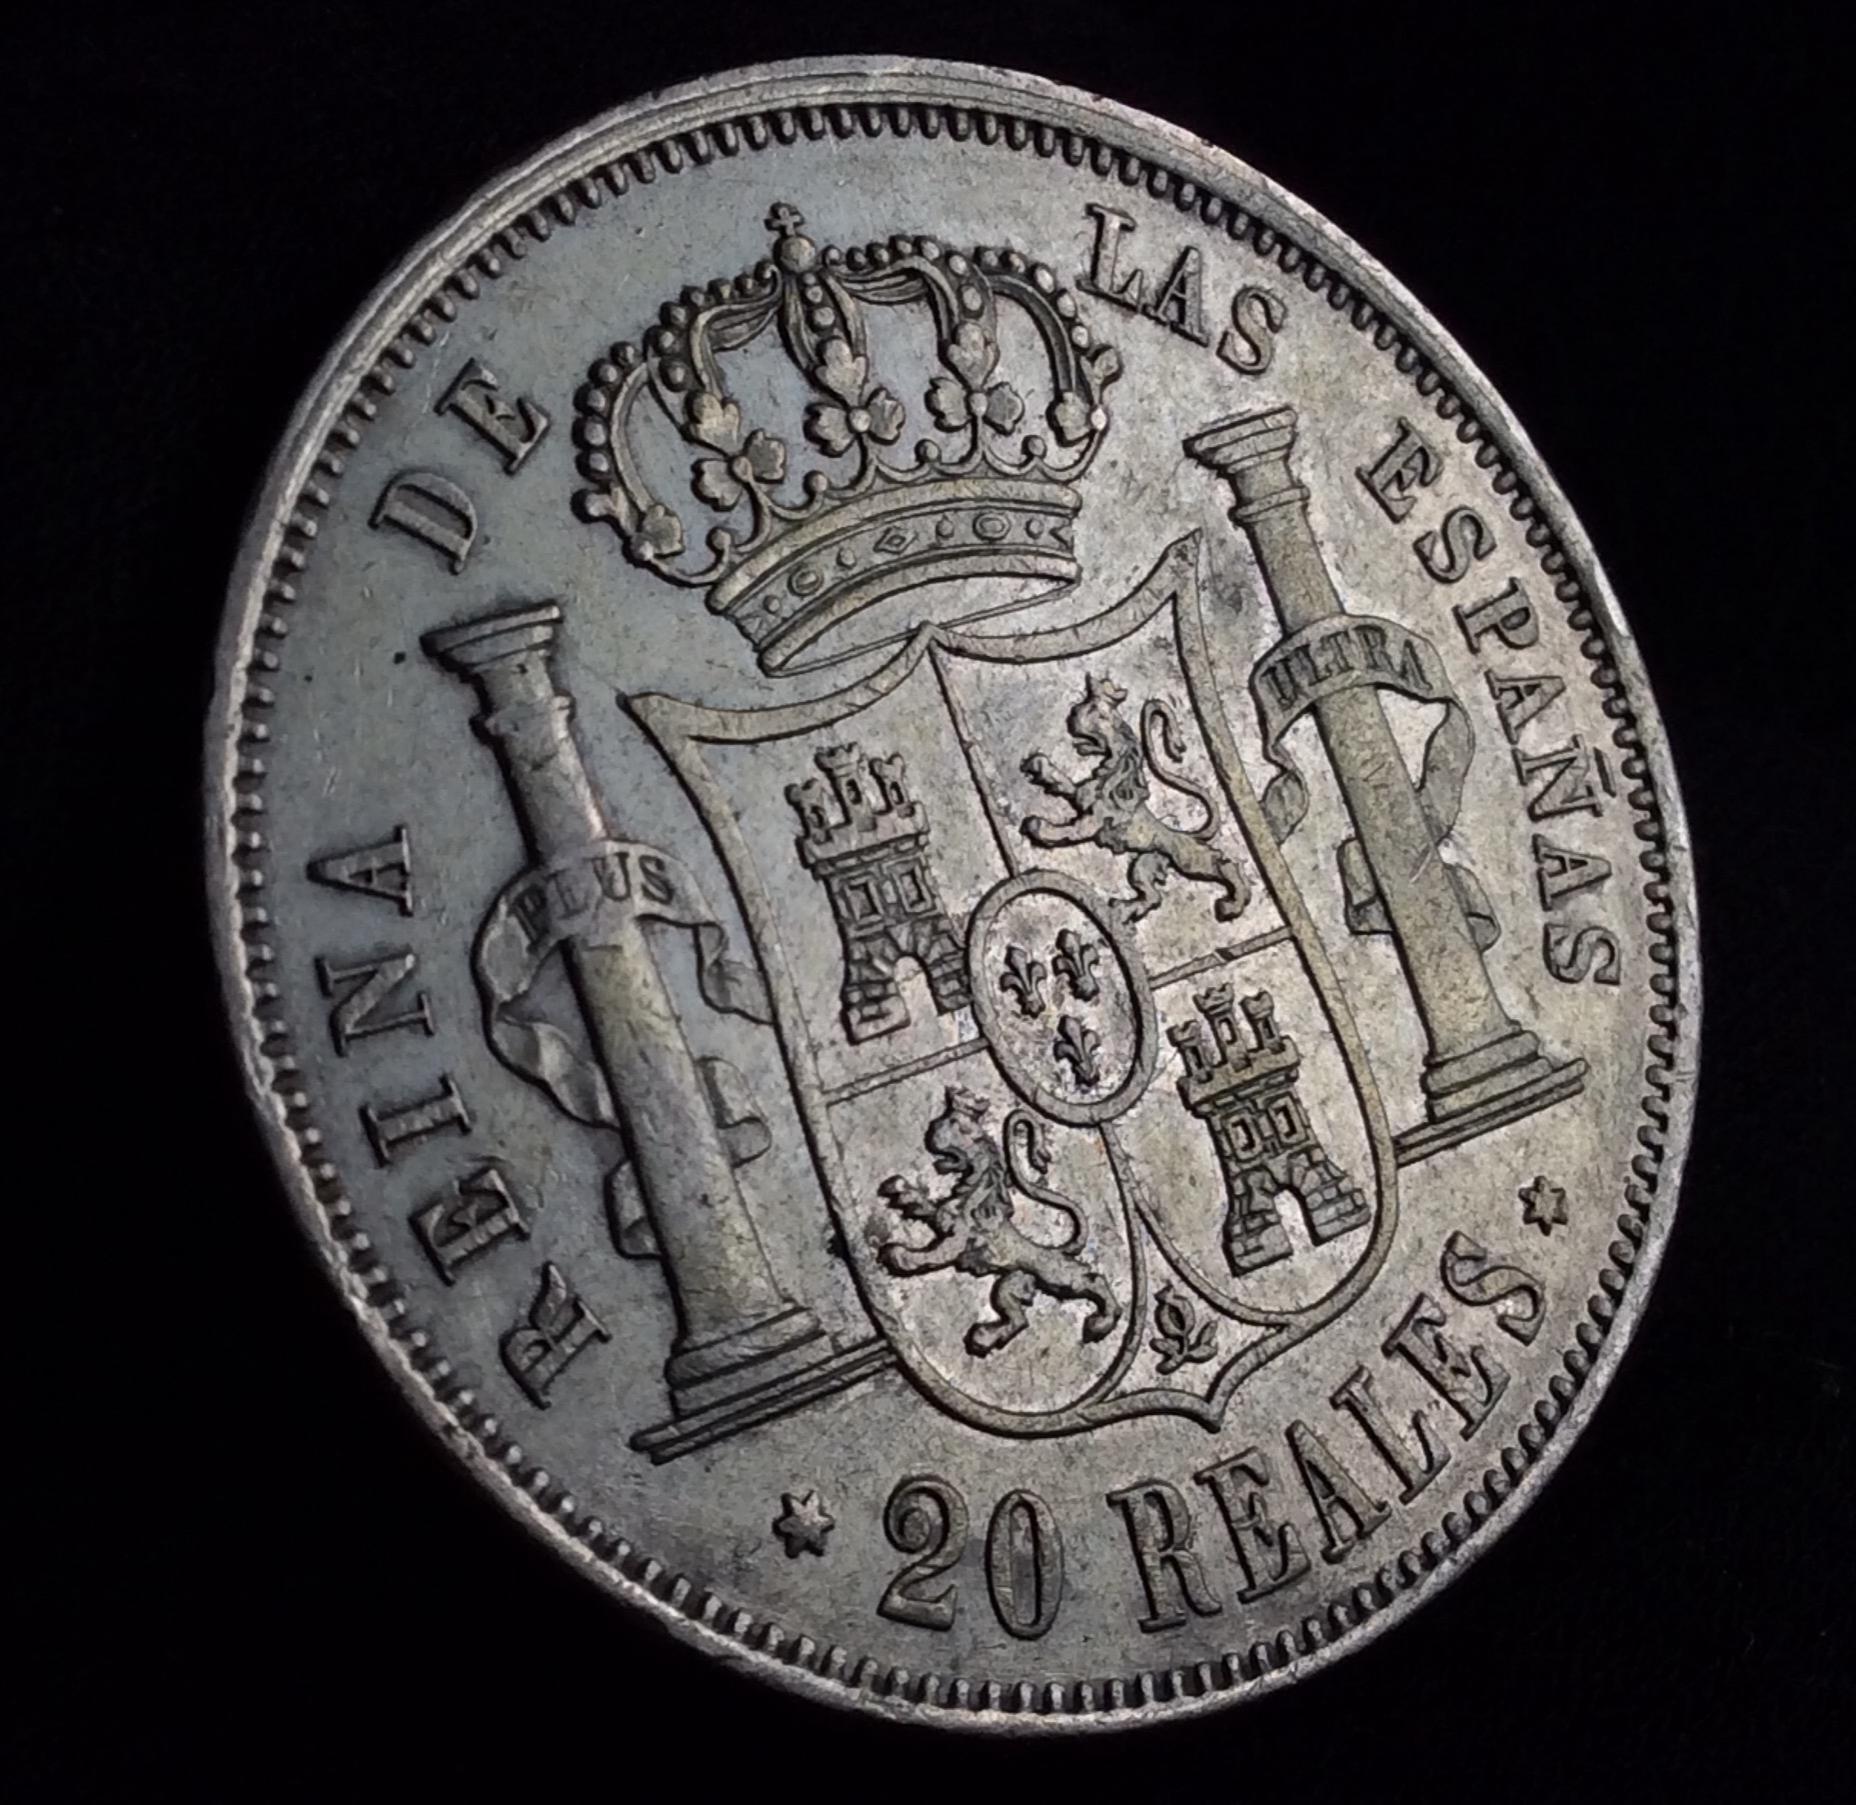 PRCIOSOS 20 REALES 1864 - ISABEL II - CECA DE MADRID